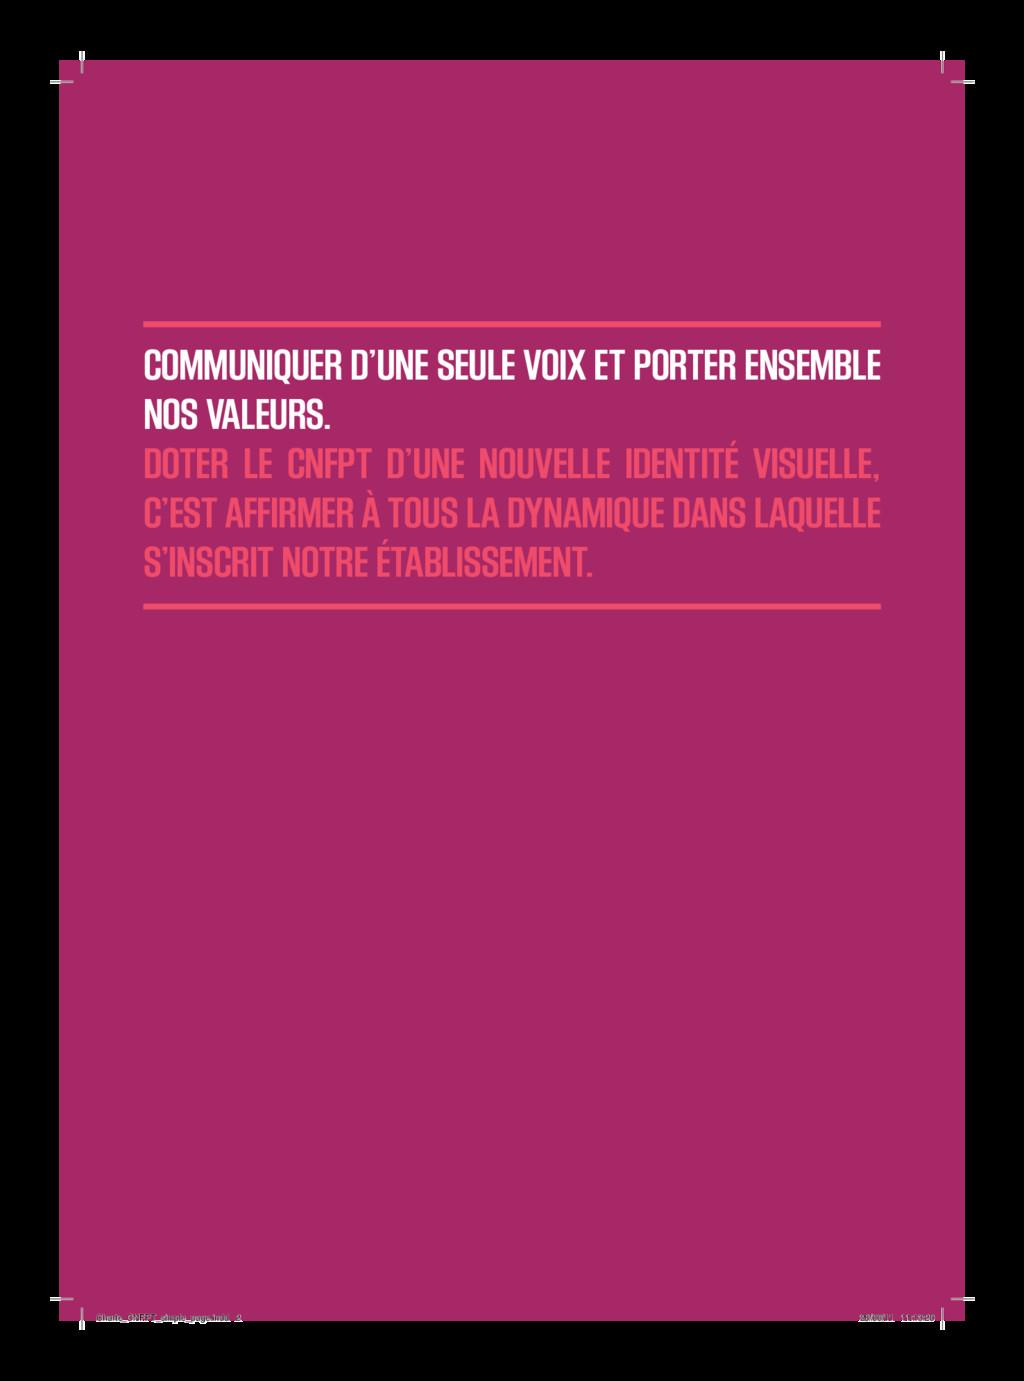 COMMUNIQUER D'UNE SEULE VOIX ET PORTER ENSEMBLE...